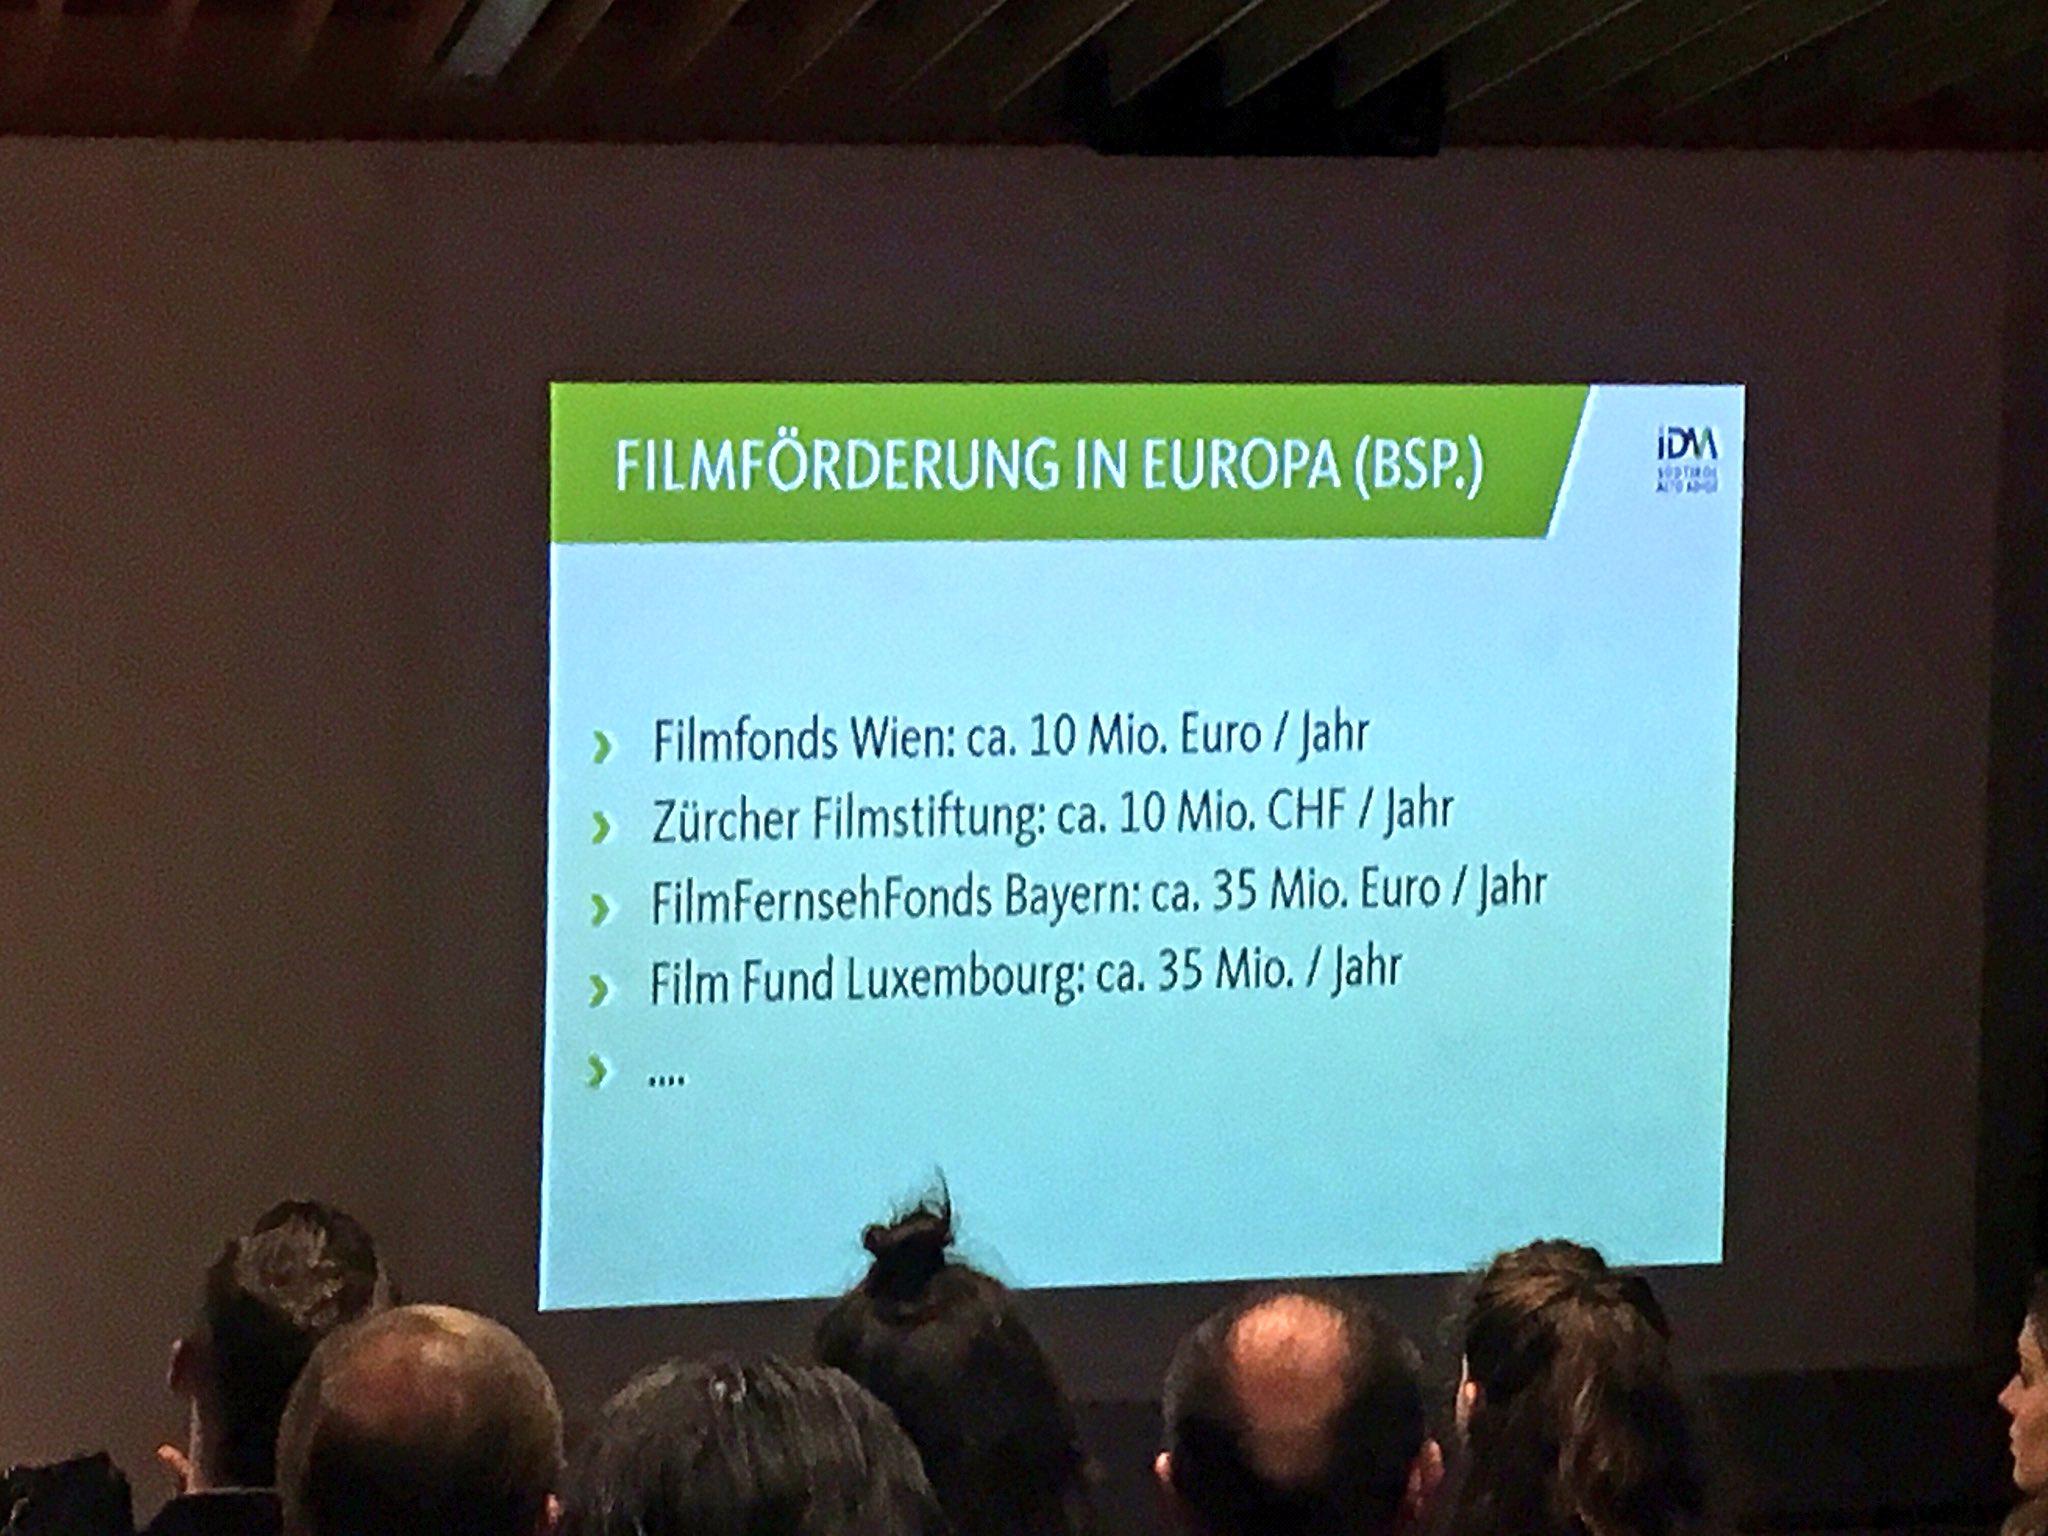 #tmcbz Kleiner Vergleich: was machen die anderen? (Südtirol sehr sehr spät gestartet) https://t.co/sjQ915HnQD